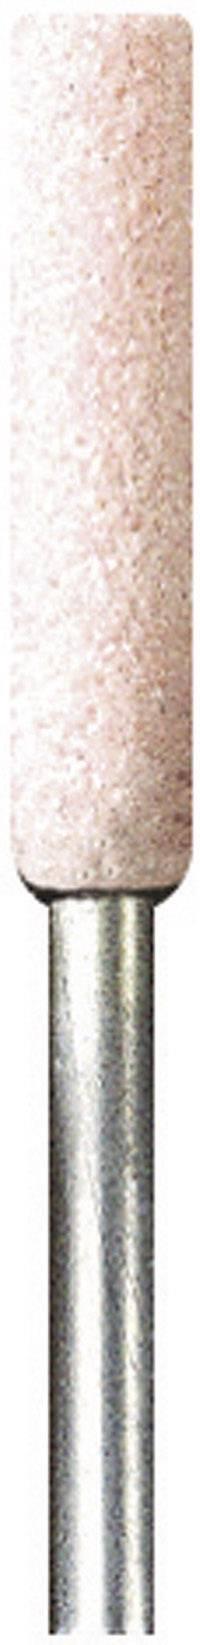 Brusná hlavice Dremel 455, Ø 5,6 mm